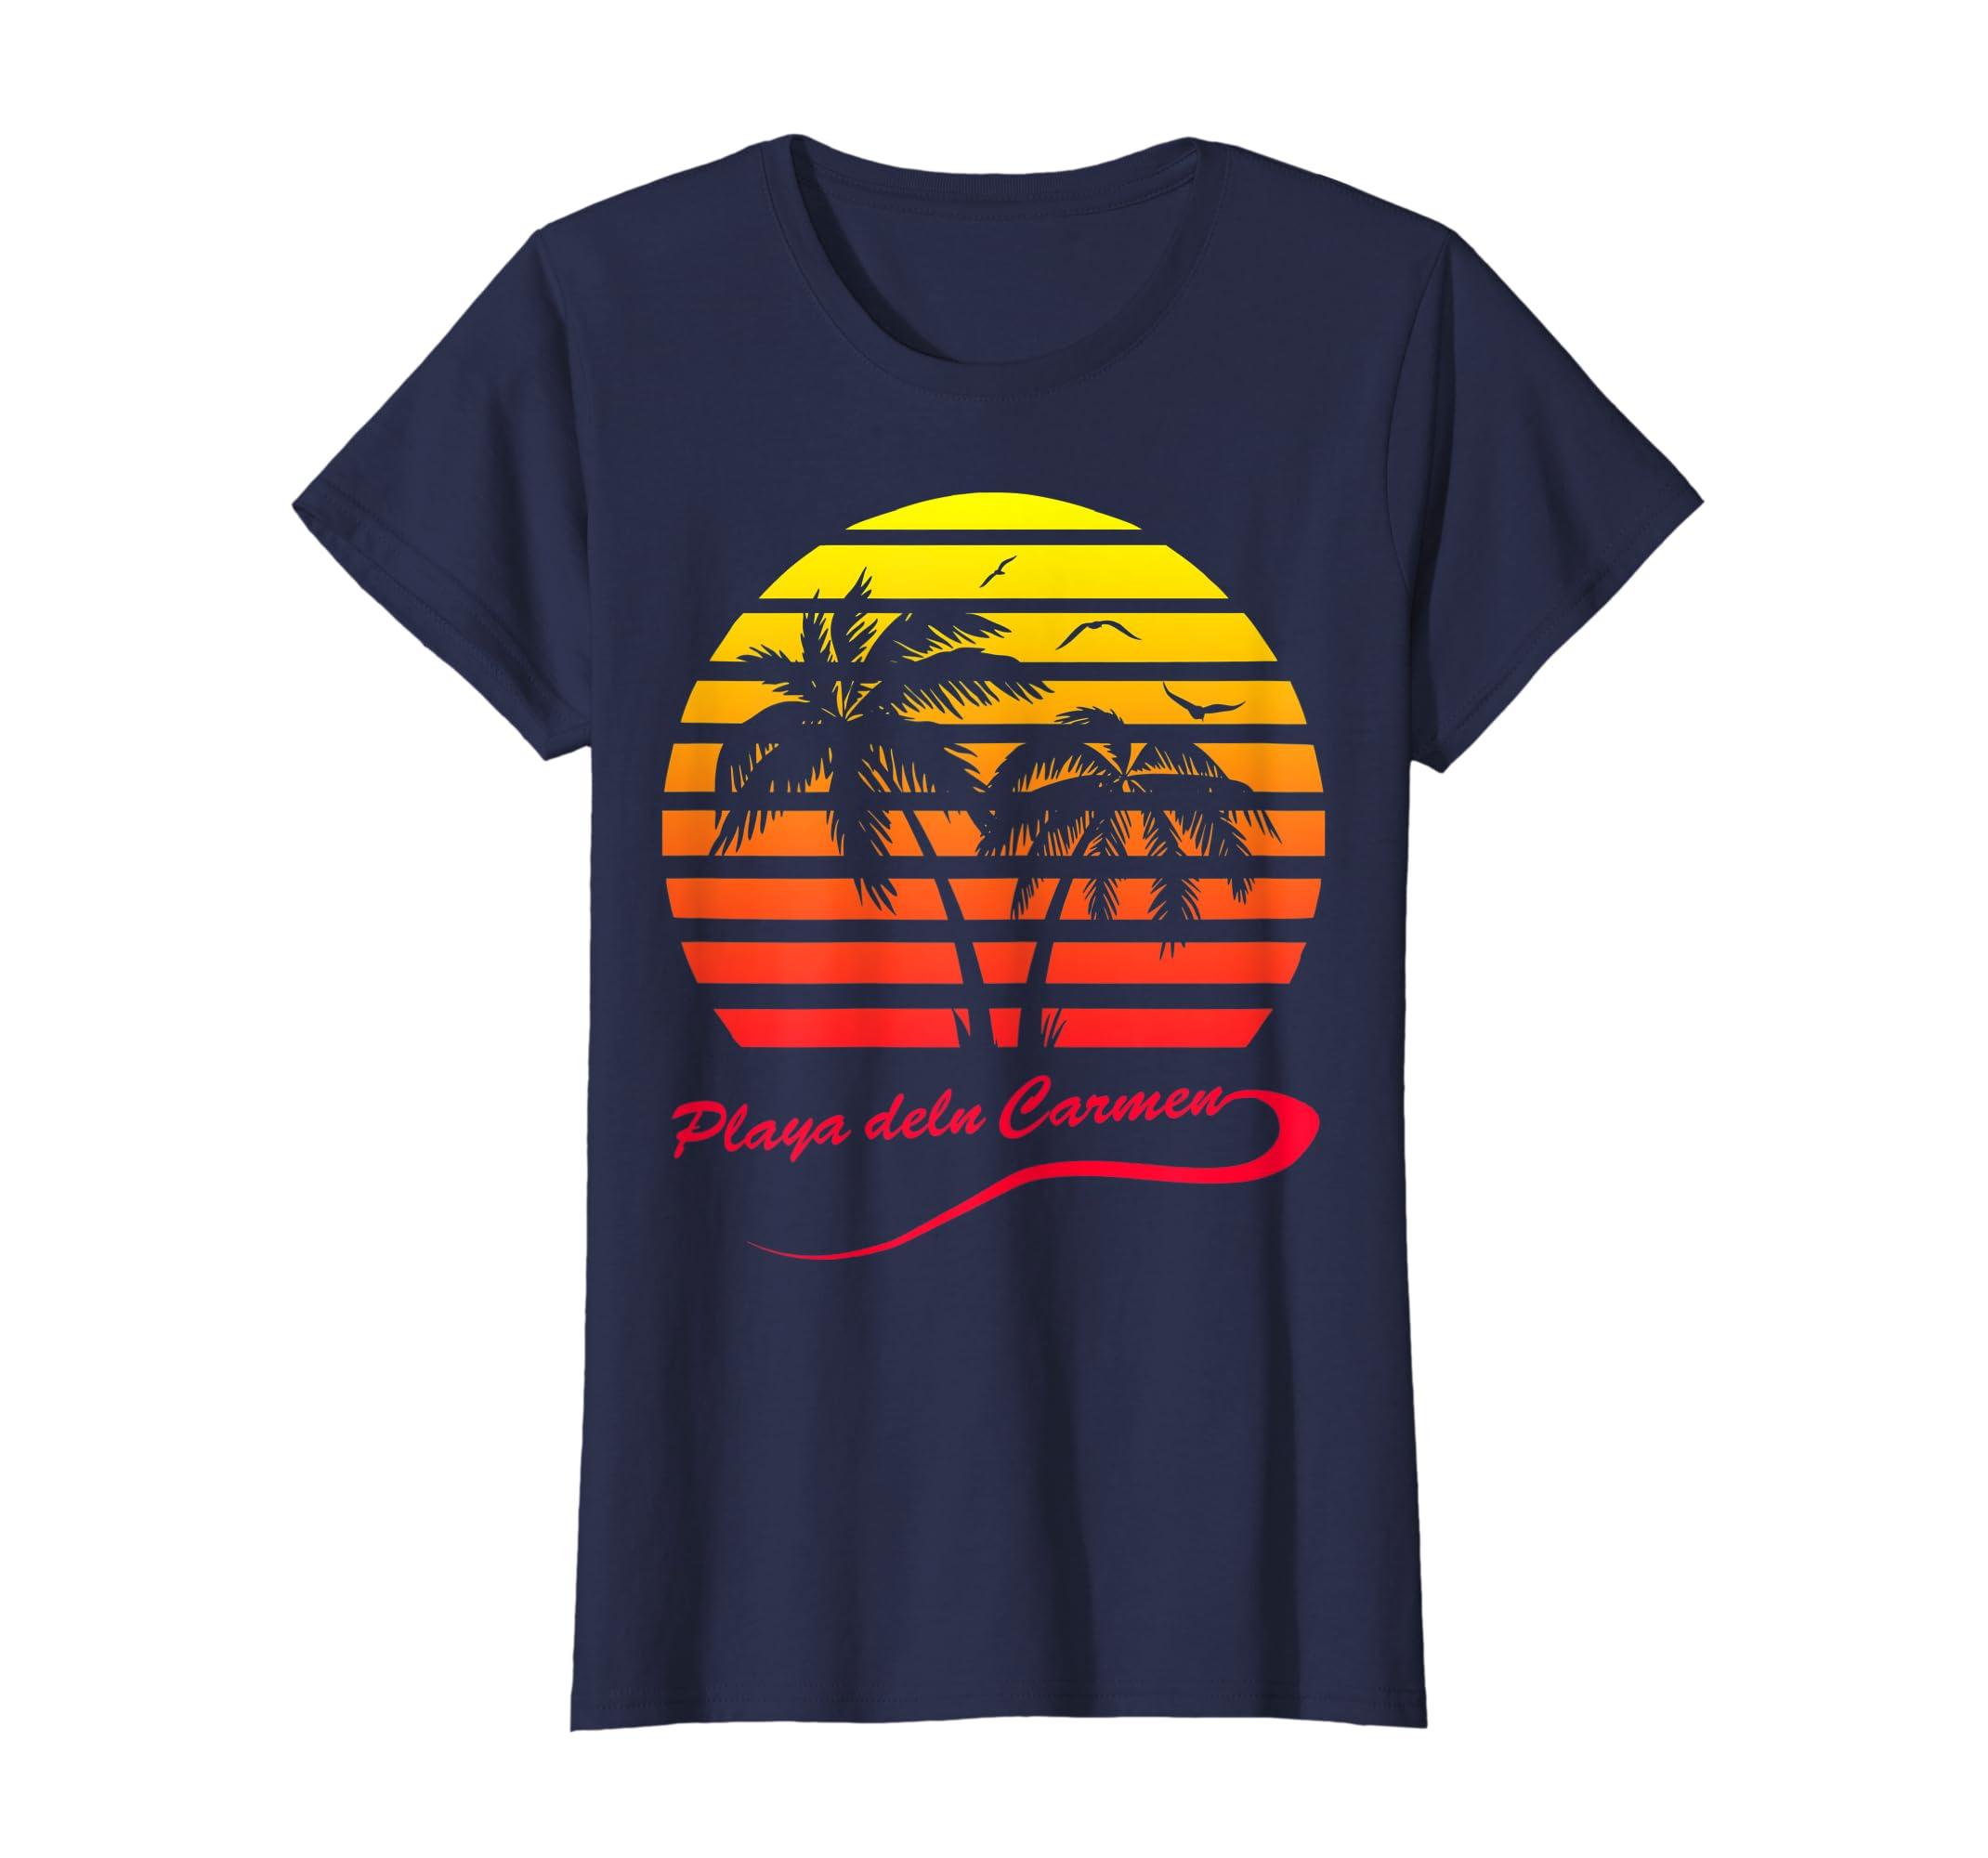 6e451e58b1c277 Amazon.com: Playa del Carmen 80s Sunset T-Shirt: Clothing